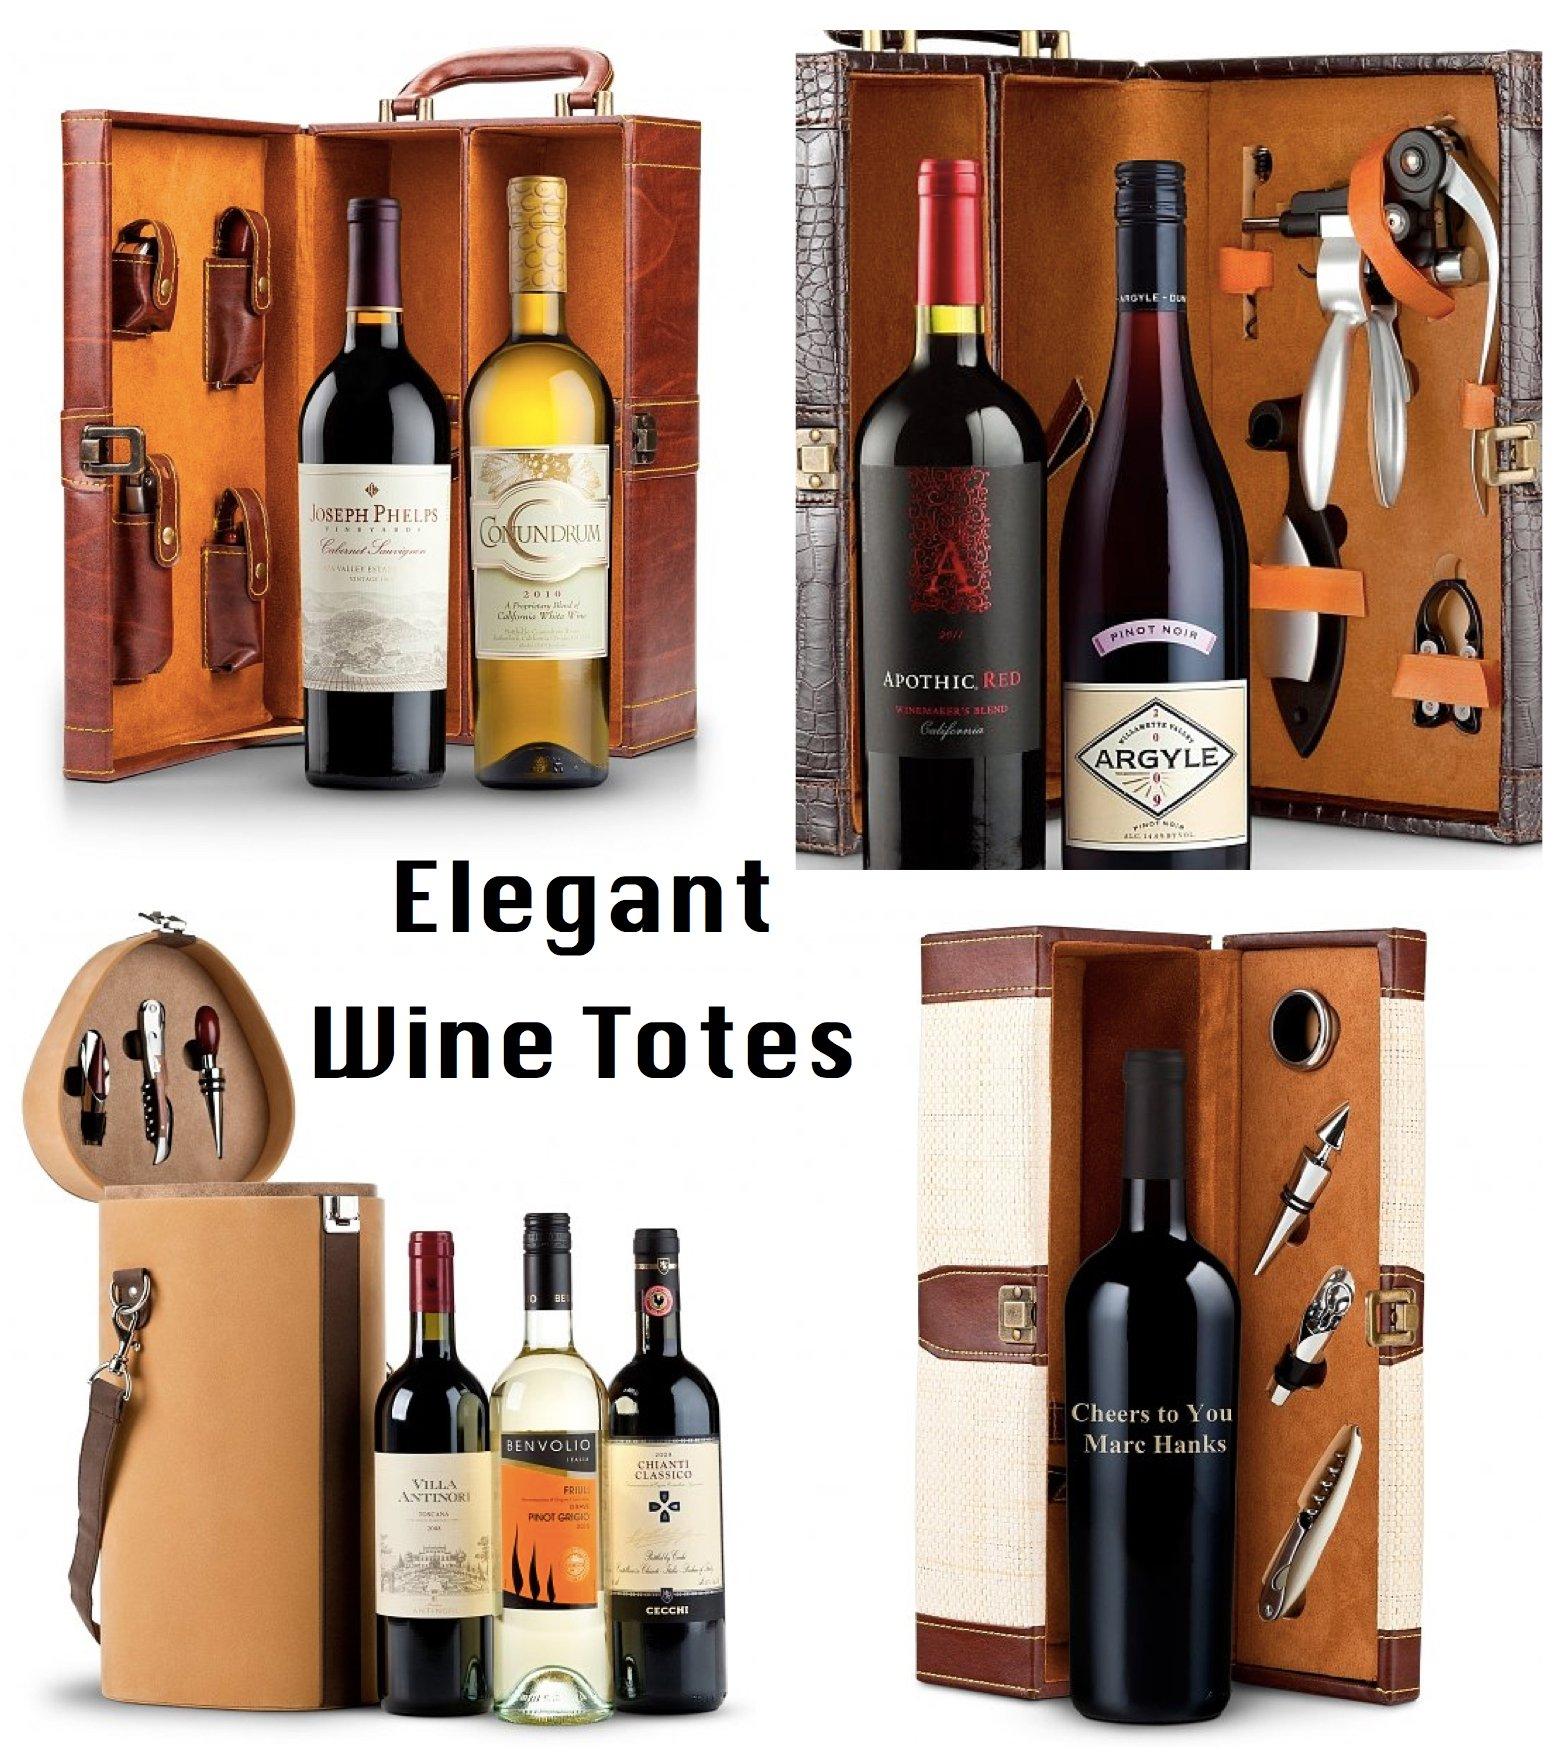 Elegant Wine Totes